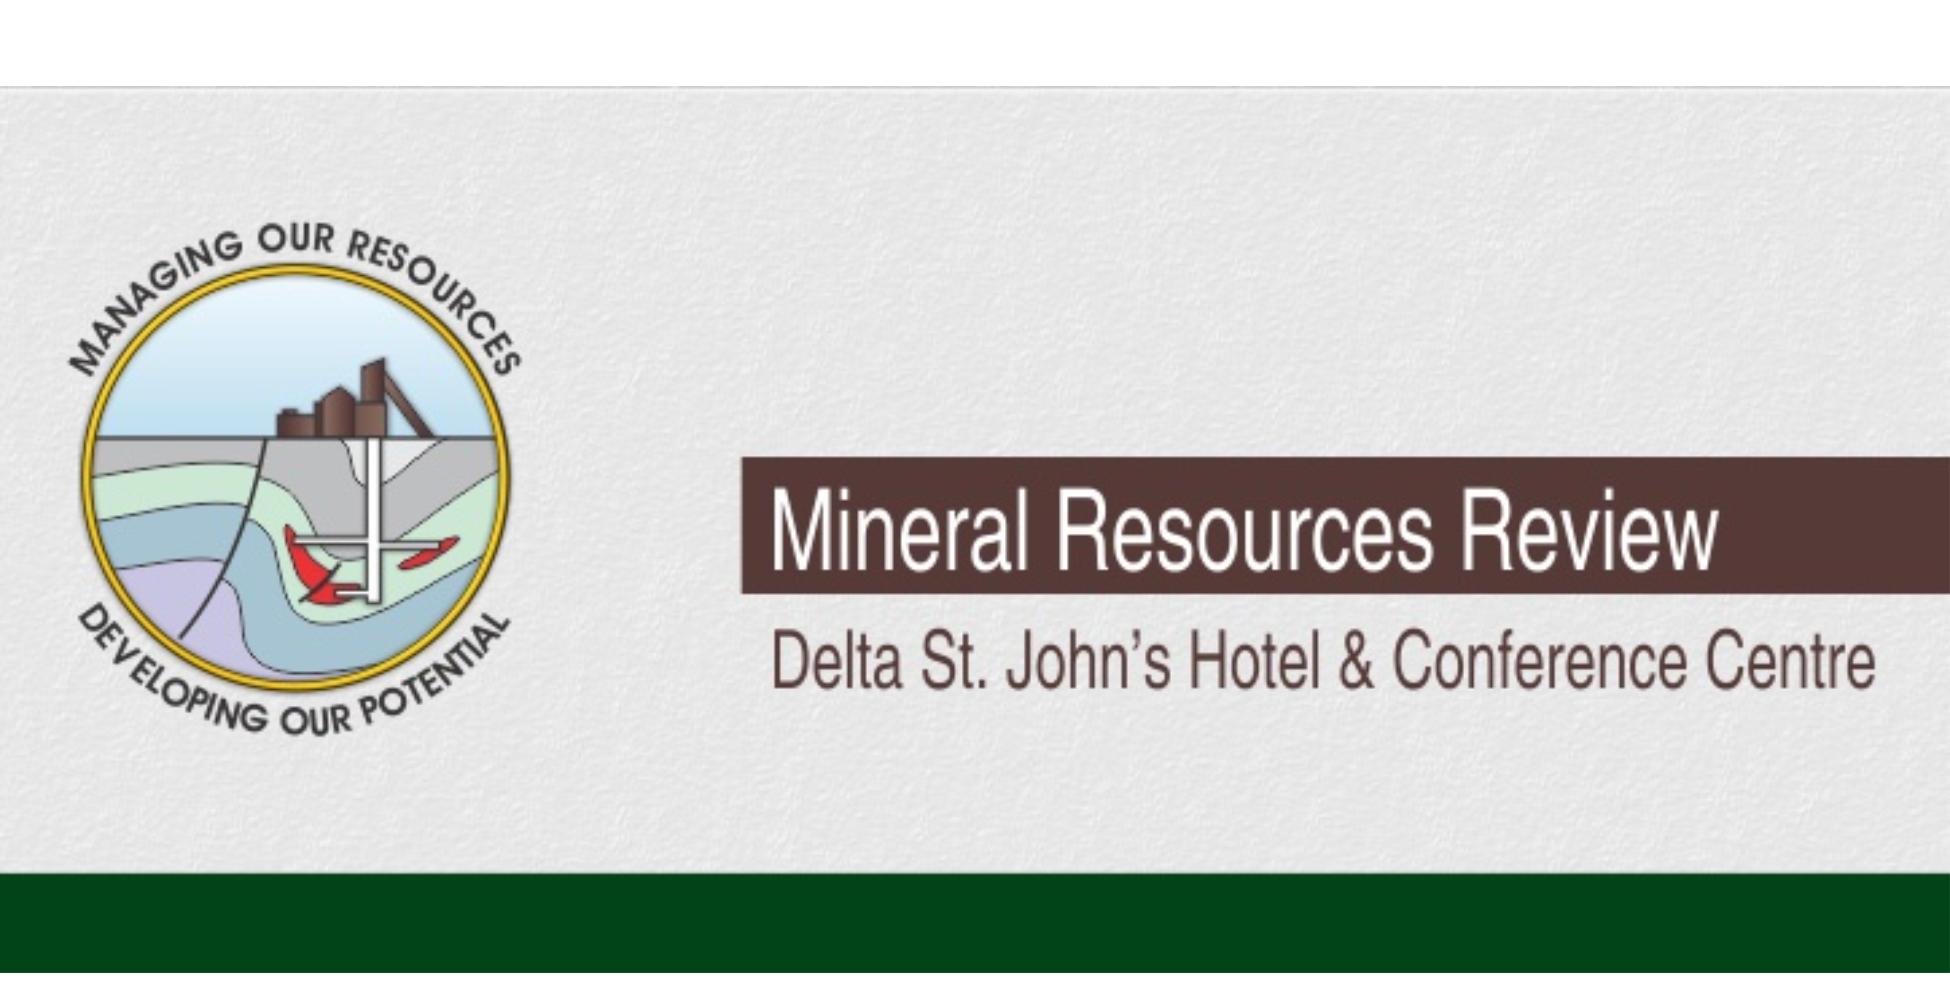 CIM Newfoundland and Labrador Branch, and the Newfoundland and Labrador Department of Natural Resources